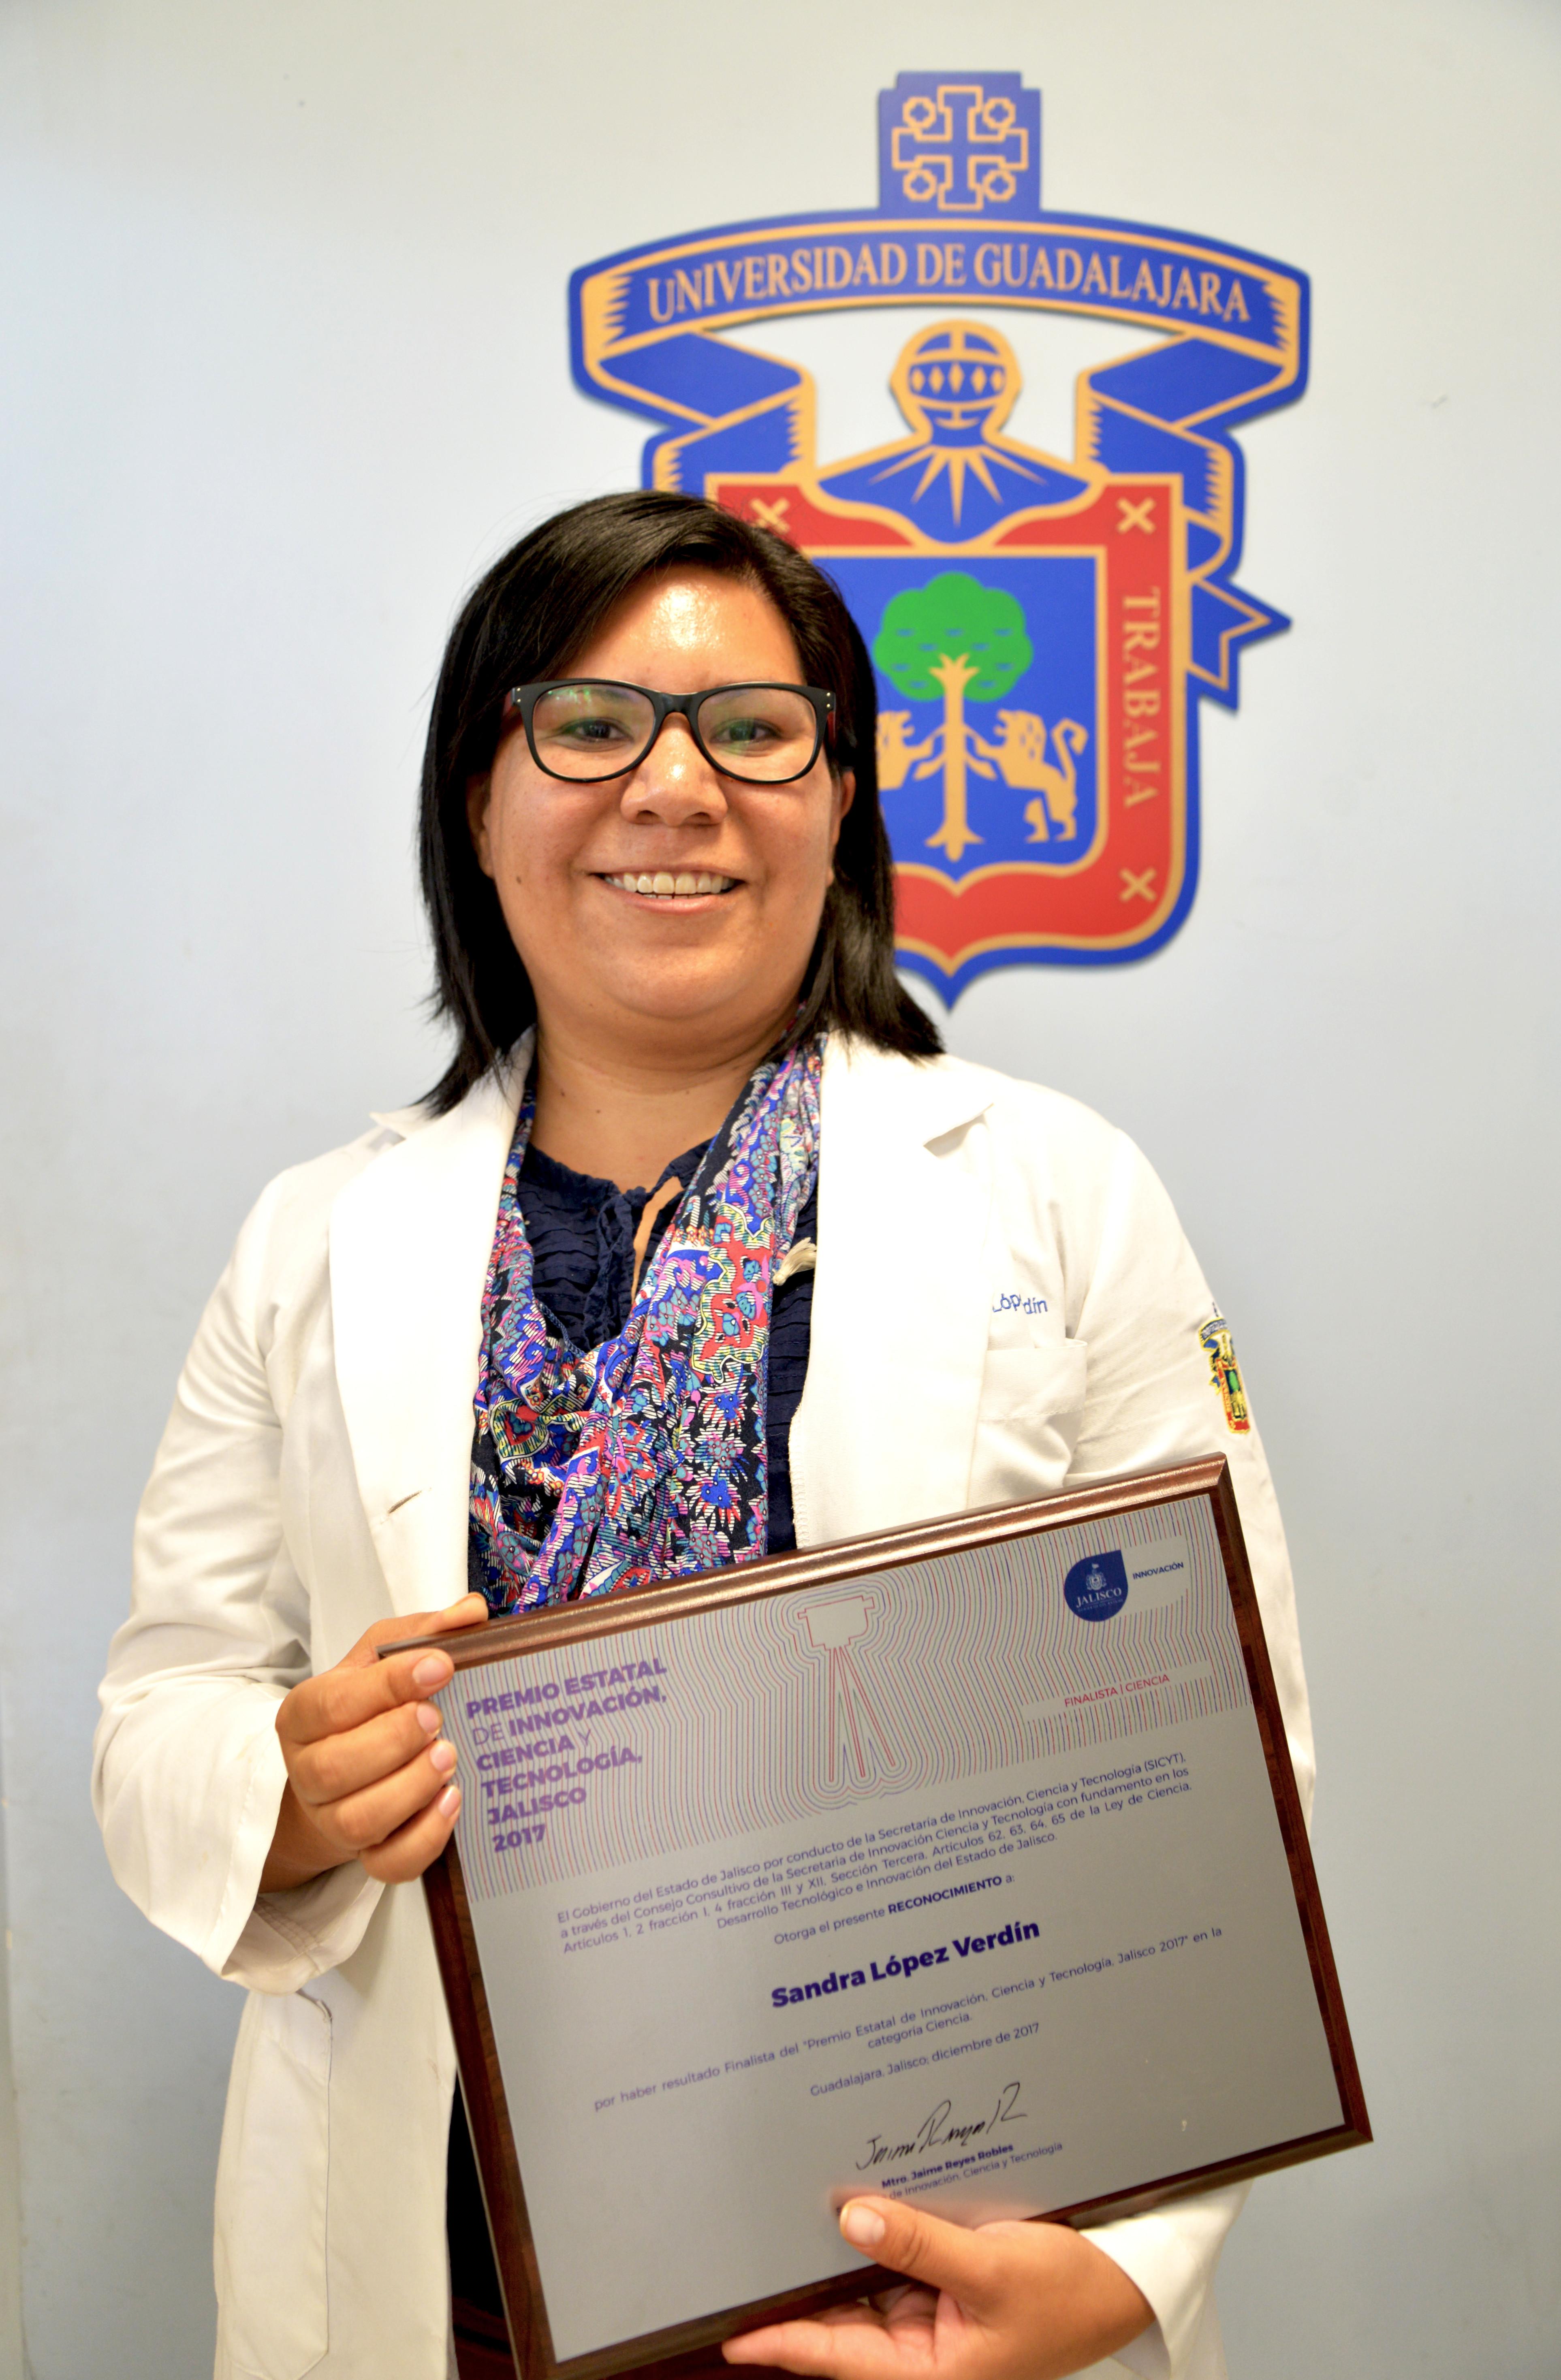 Dra Sandra López Verdín exhibe su reconocimiento